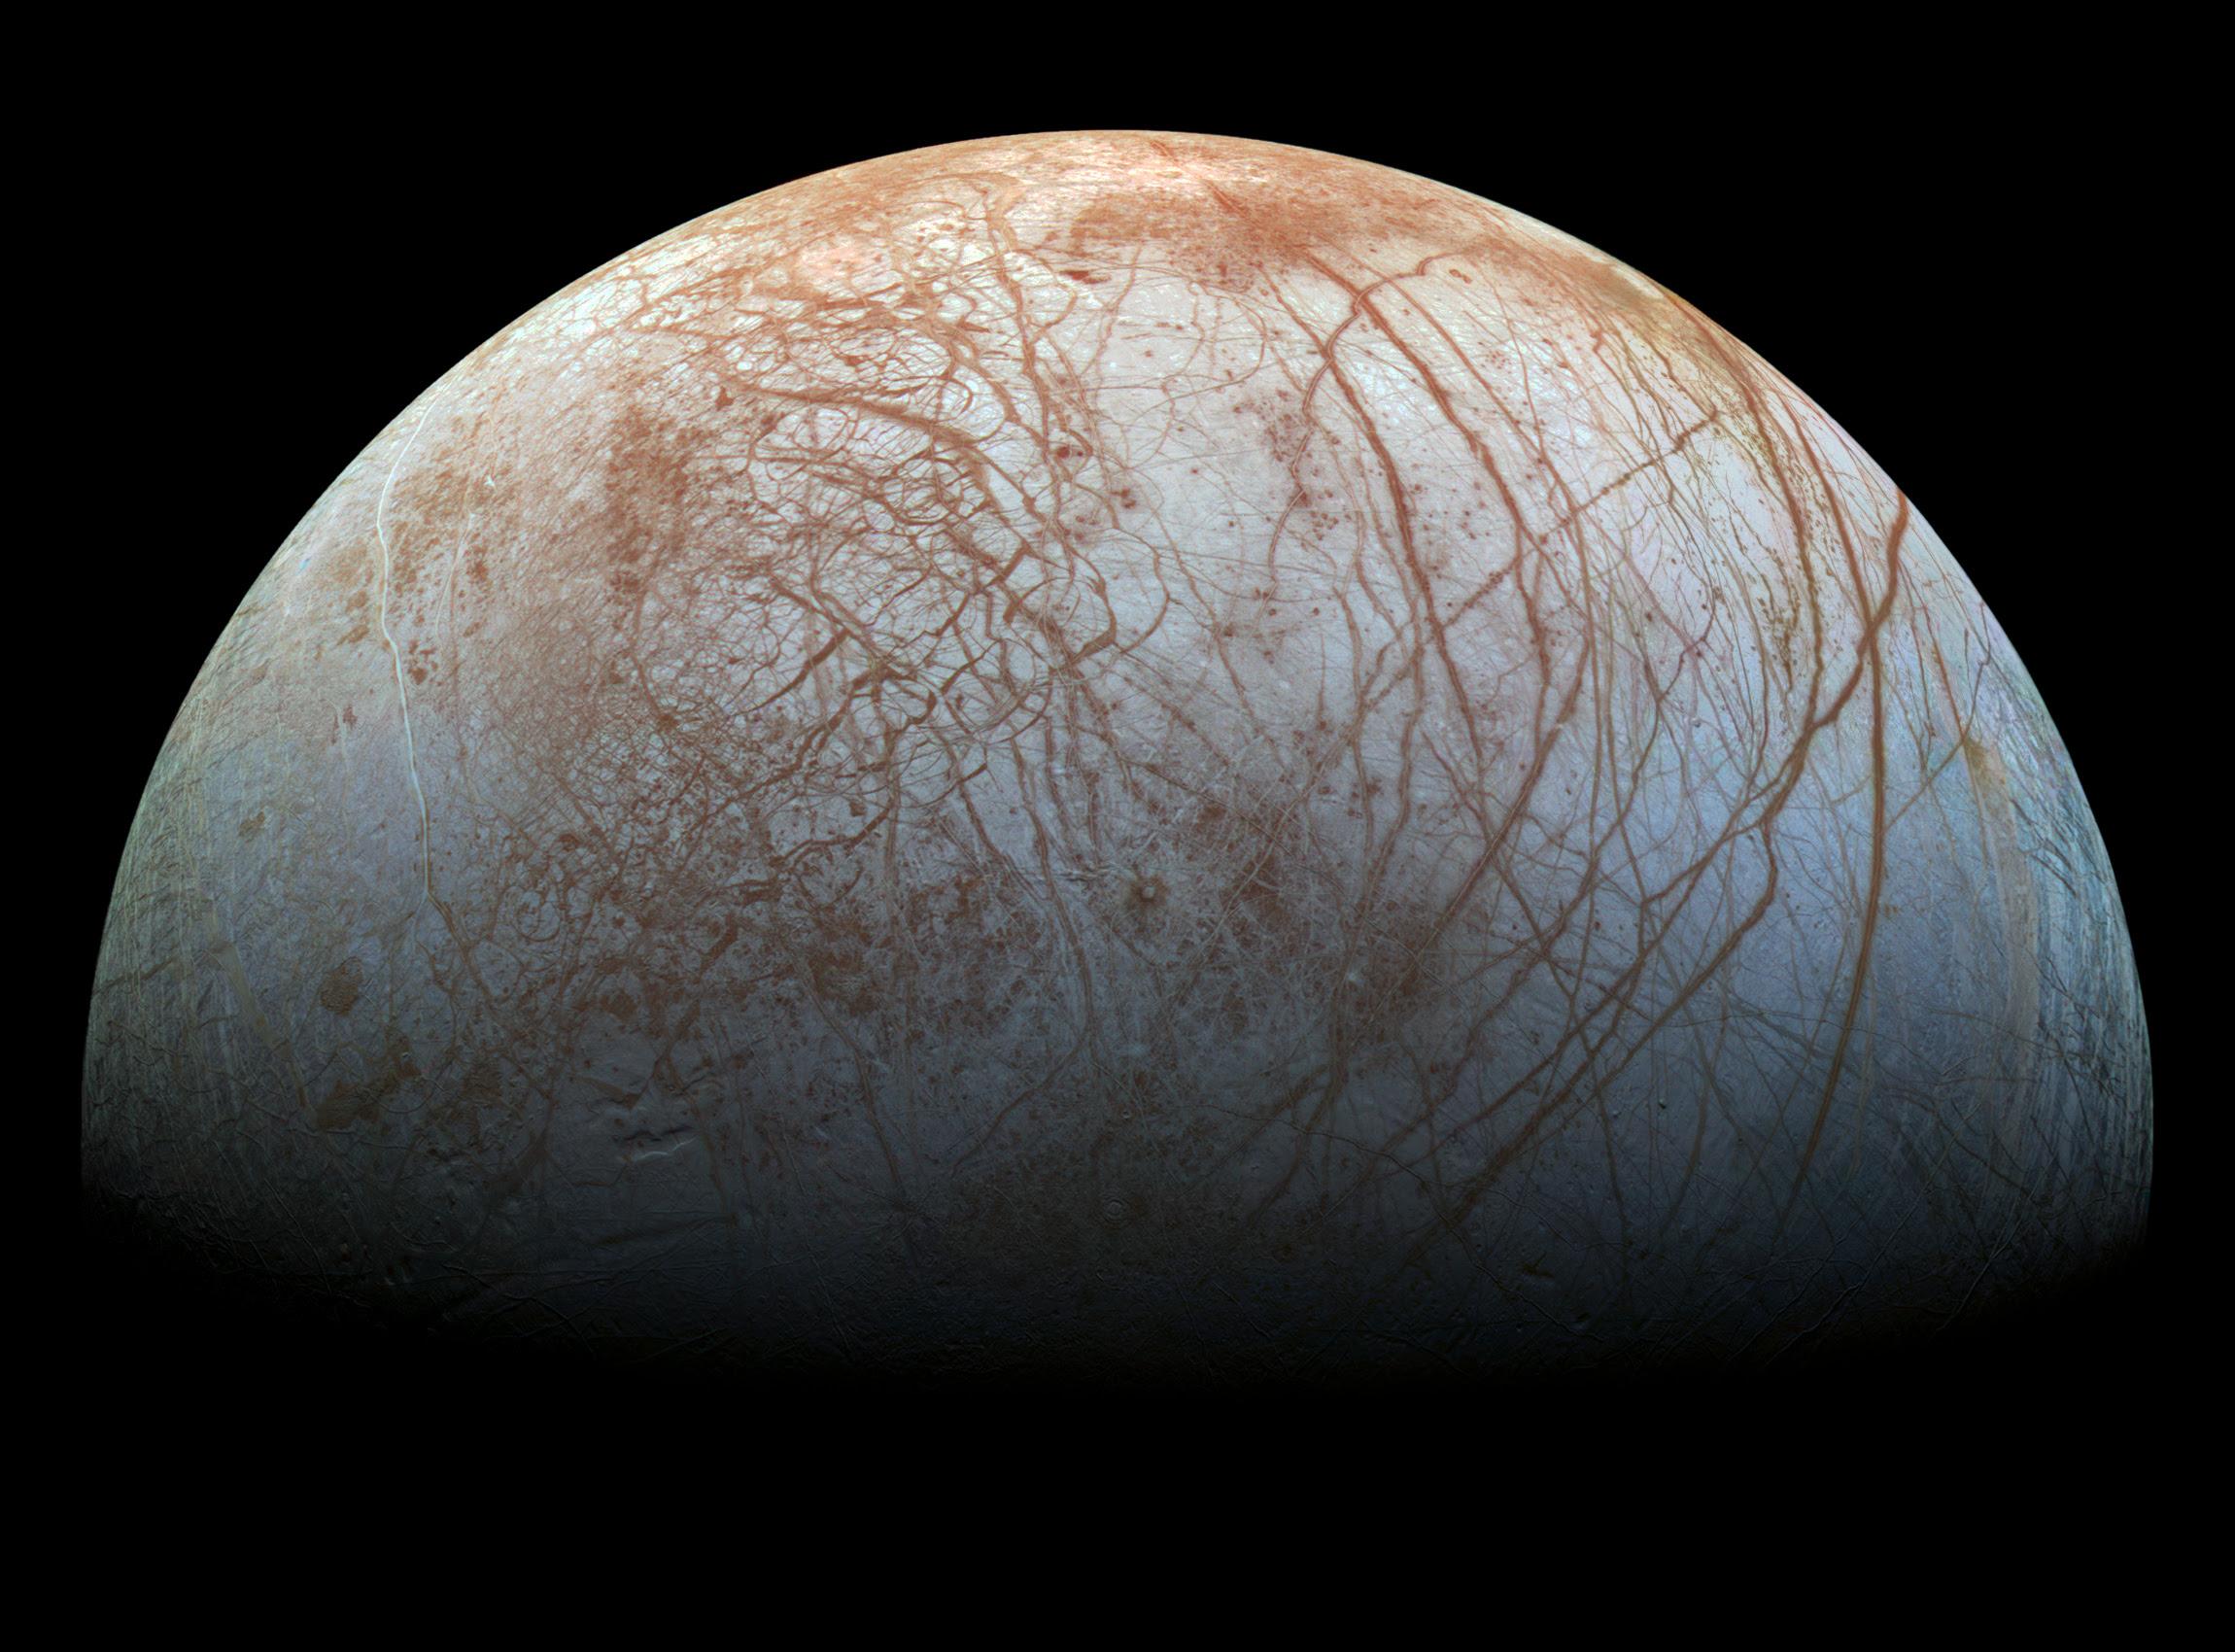 Europa, a lua gelada de Júpiter onde pode existir vida extraterrestre